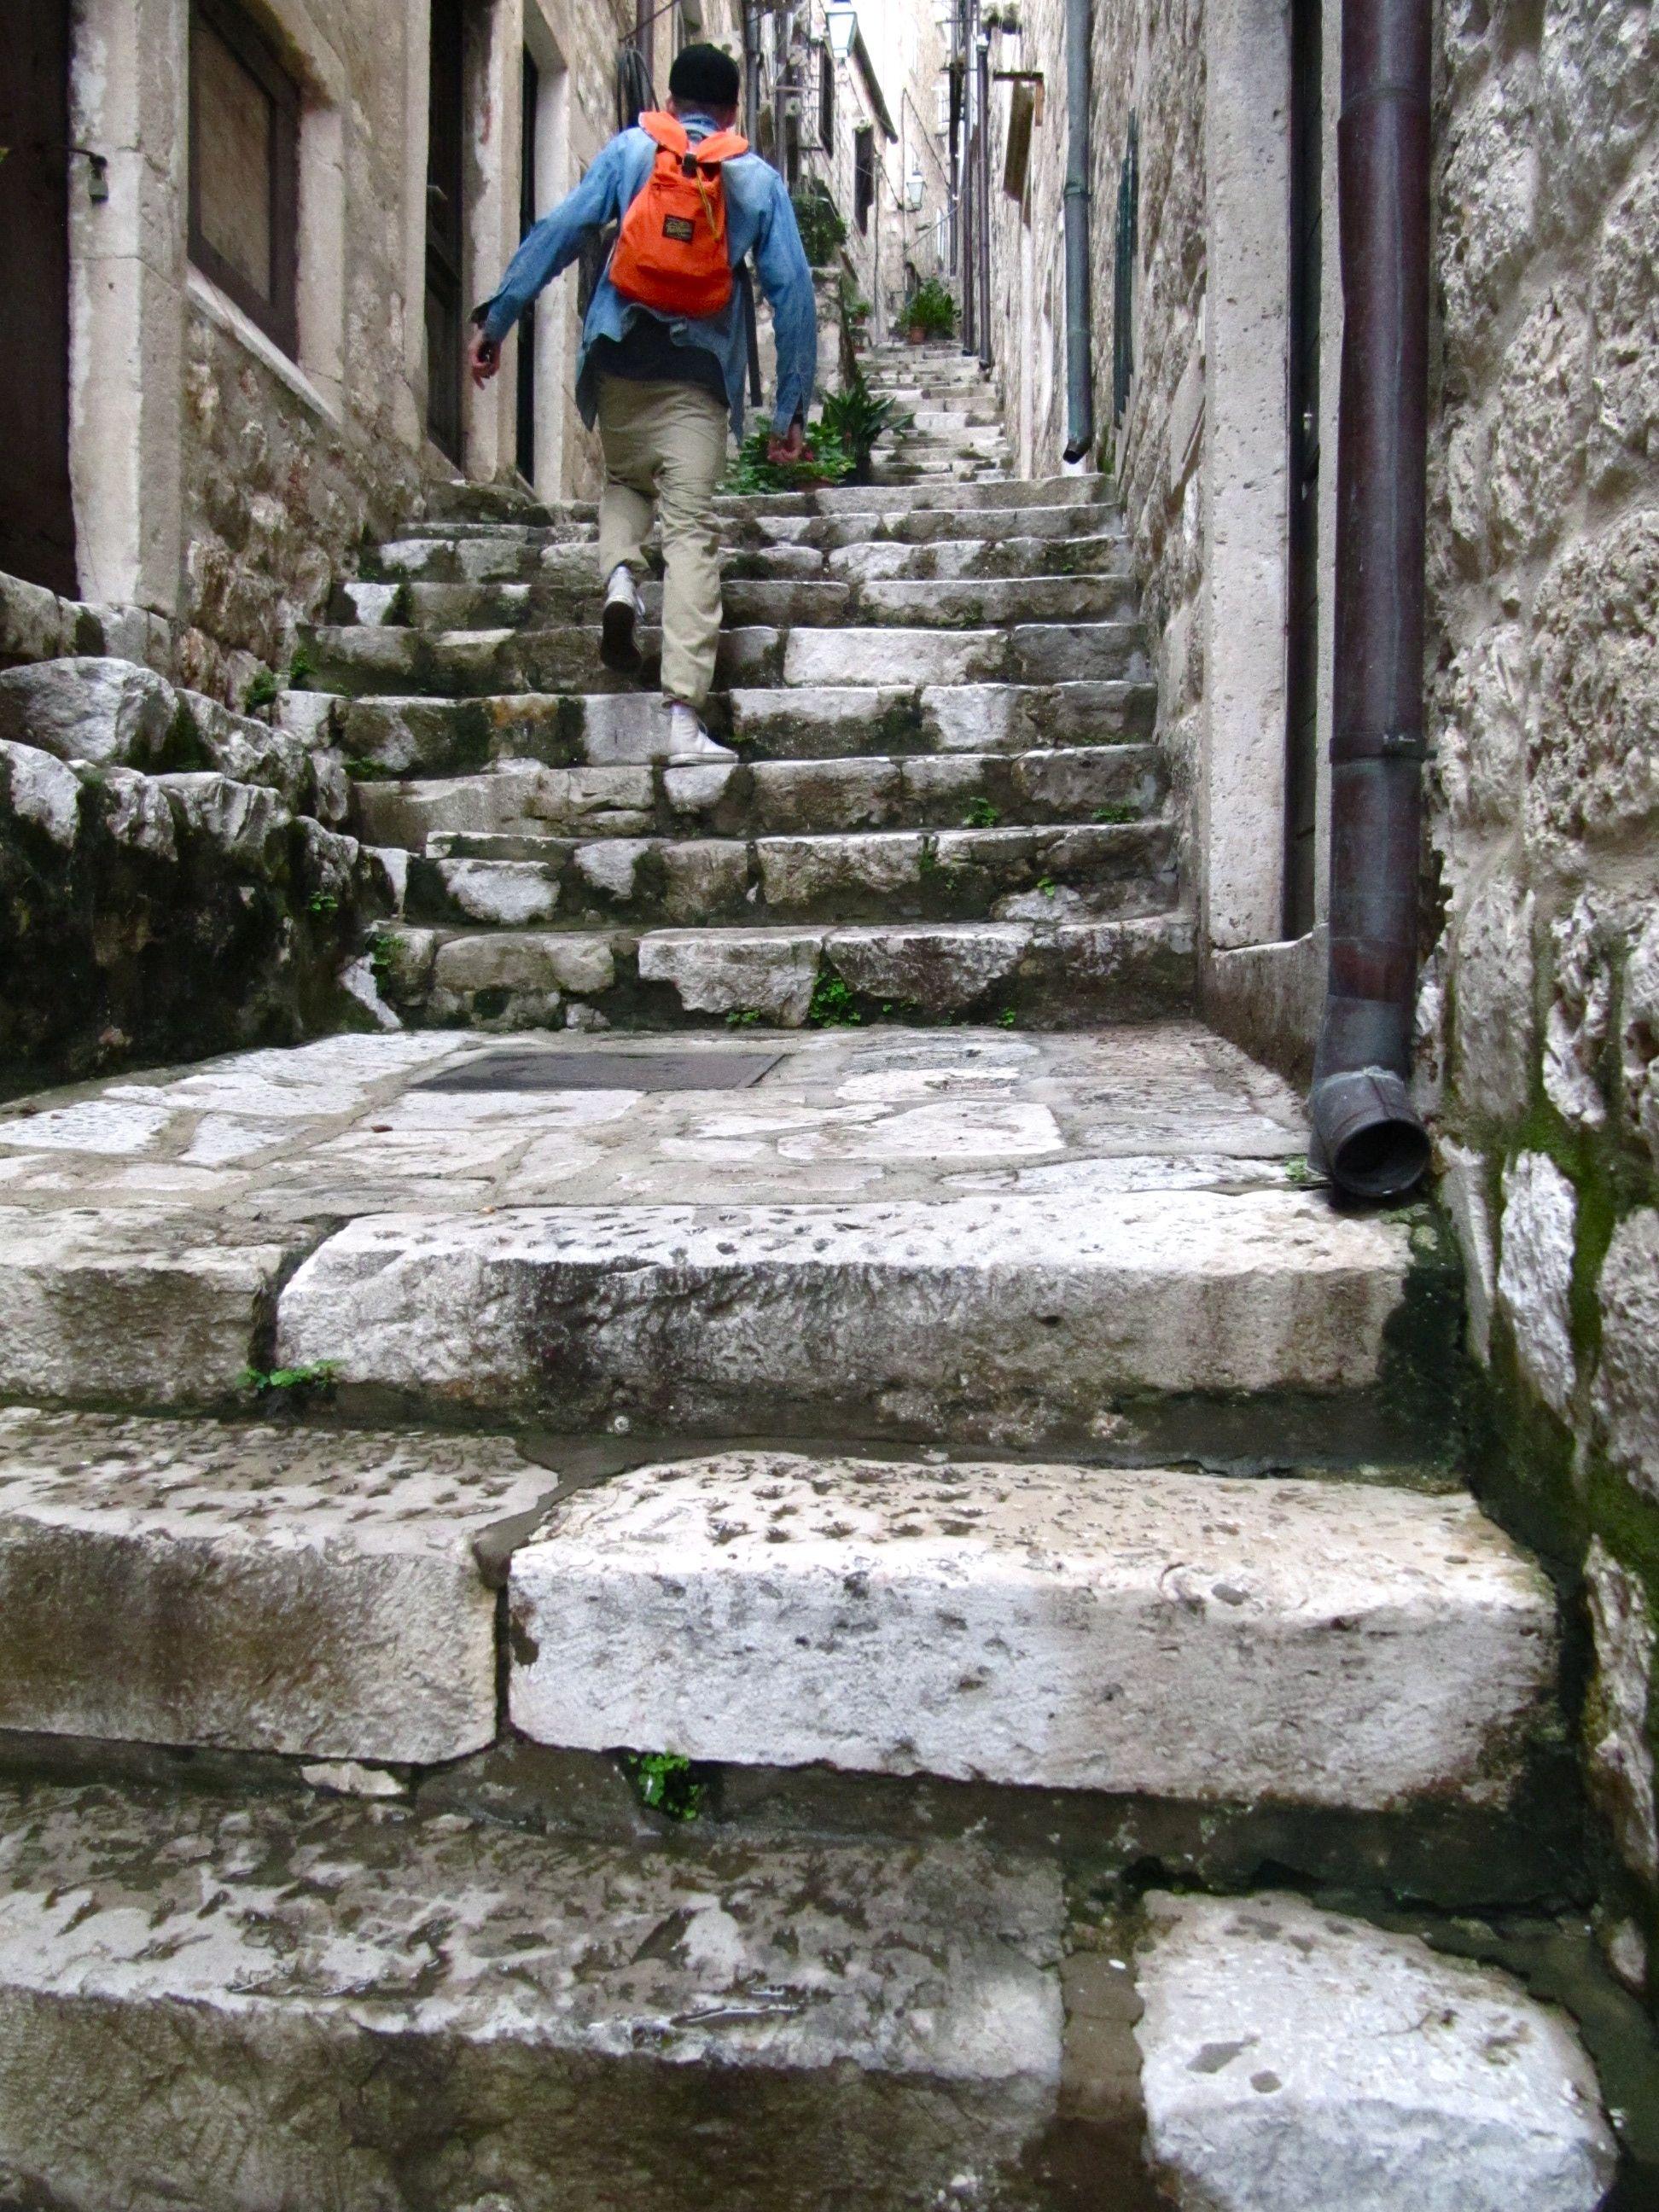 Matkalla raakaruokaravintolaan Dubrovnikissa.